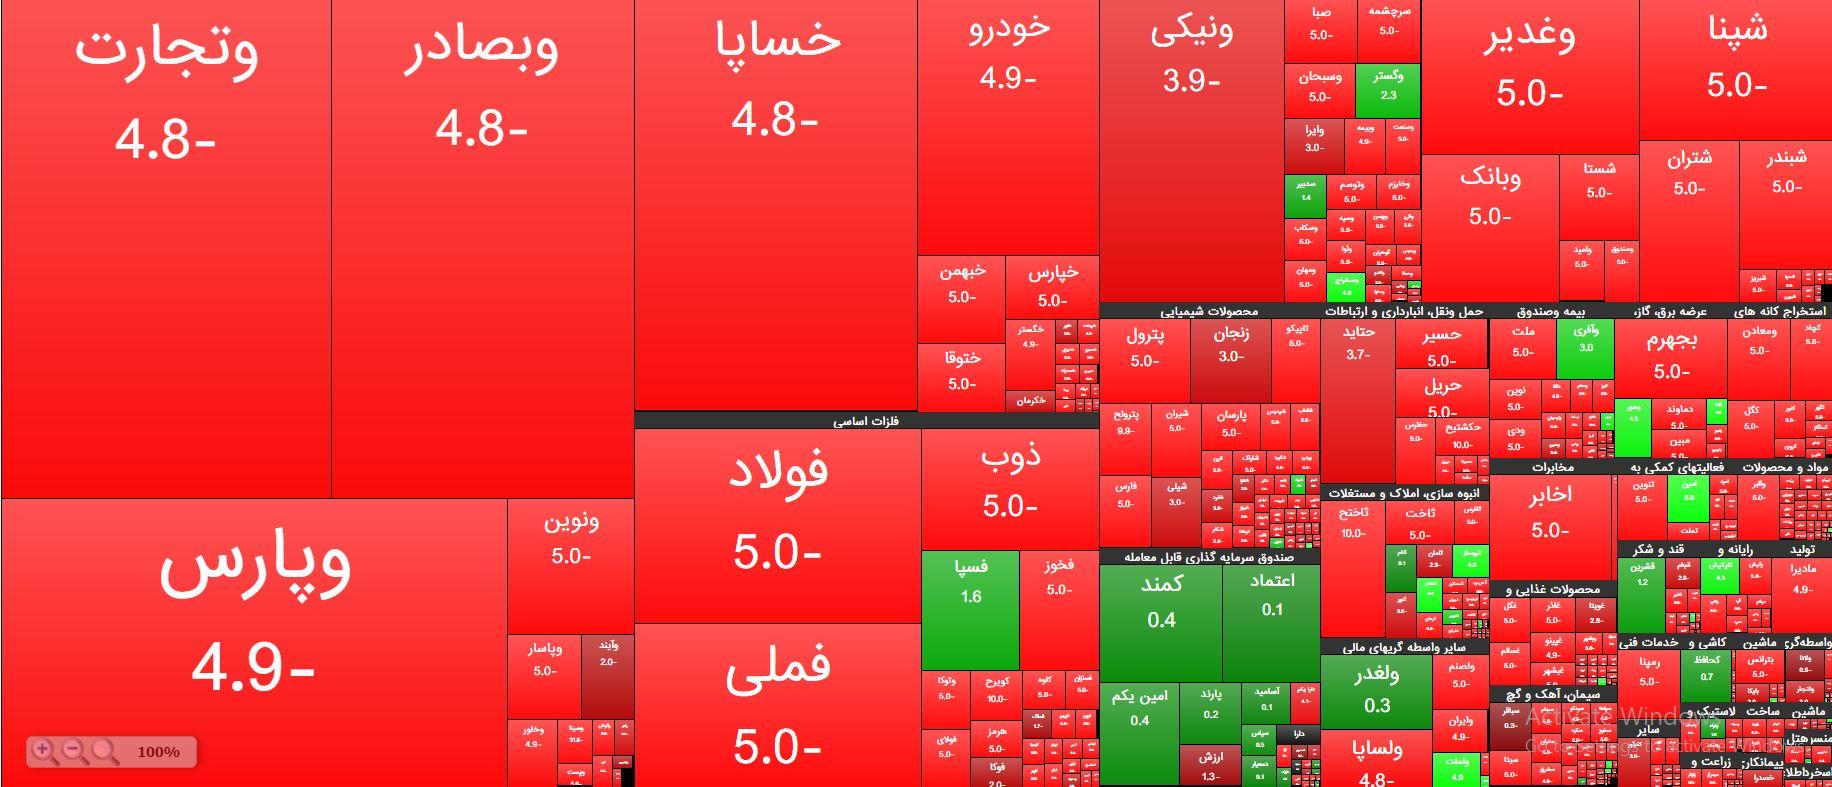 سقوط دستهجمعی بازار سهام؛ افت ۵۰ هزار واحدی شاخص کل بورس در یک ساعت